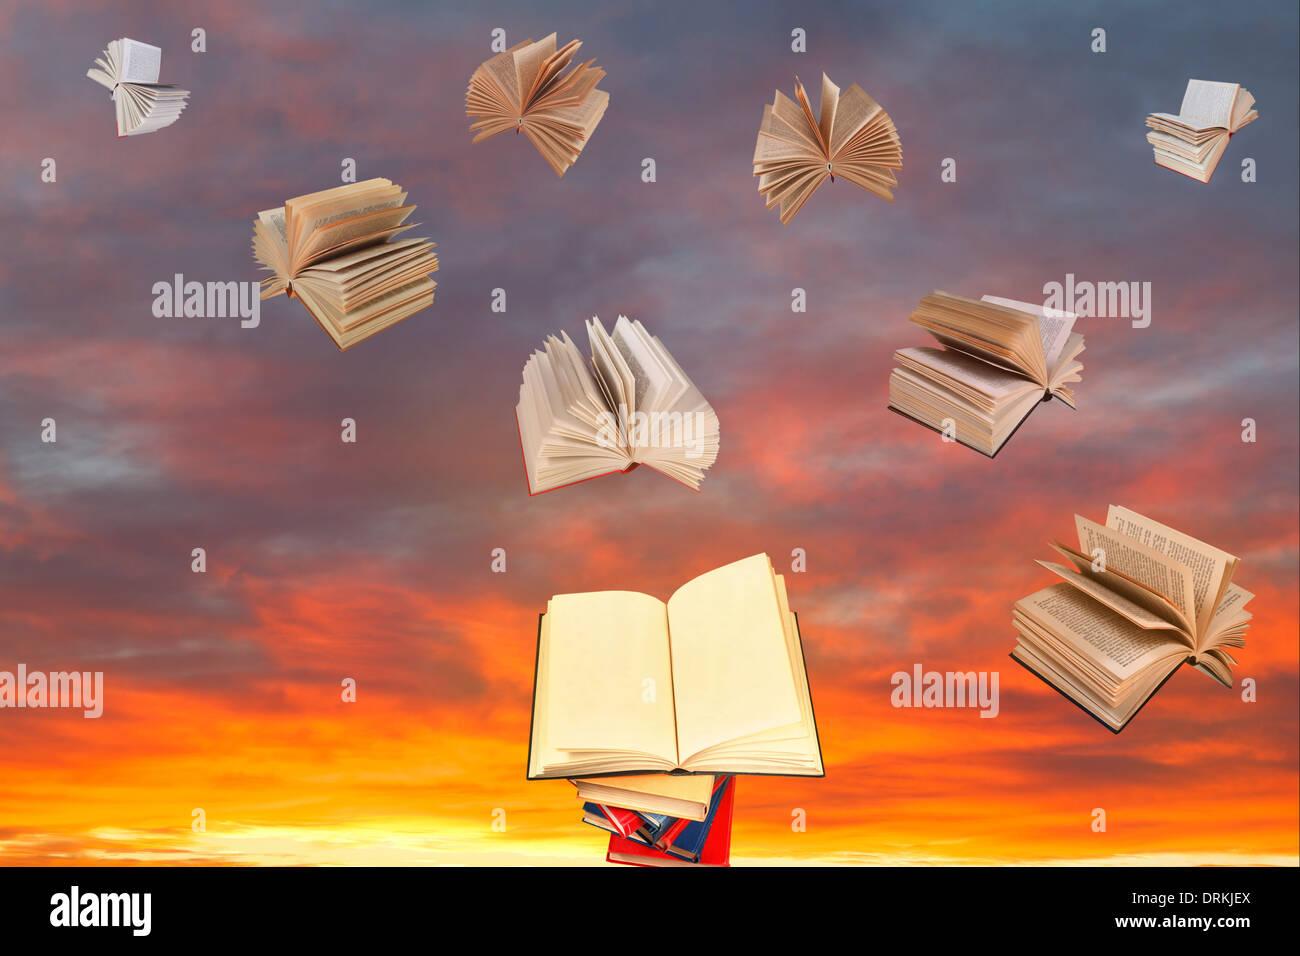 Witchcraft Books Stockfotos & Witchcraft Books Bilder - Alamy